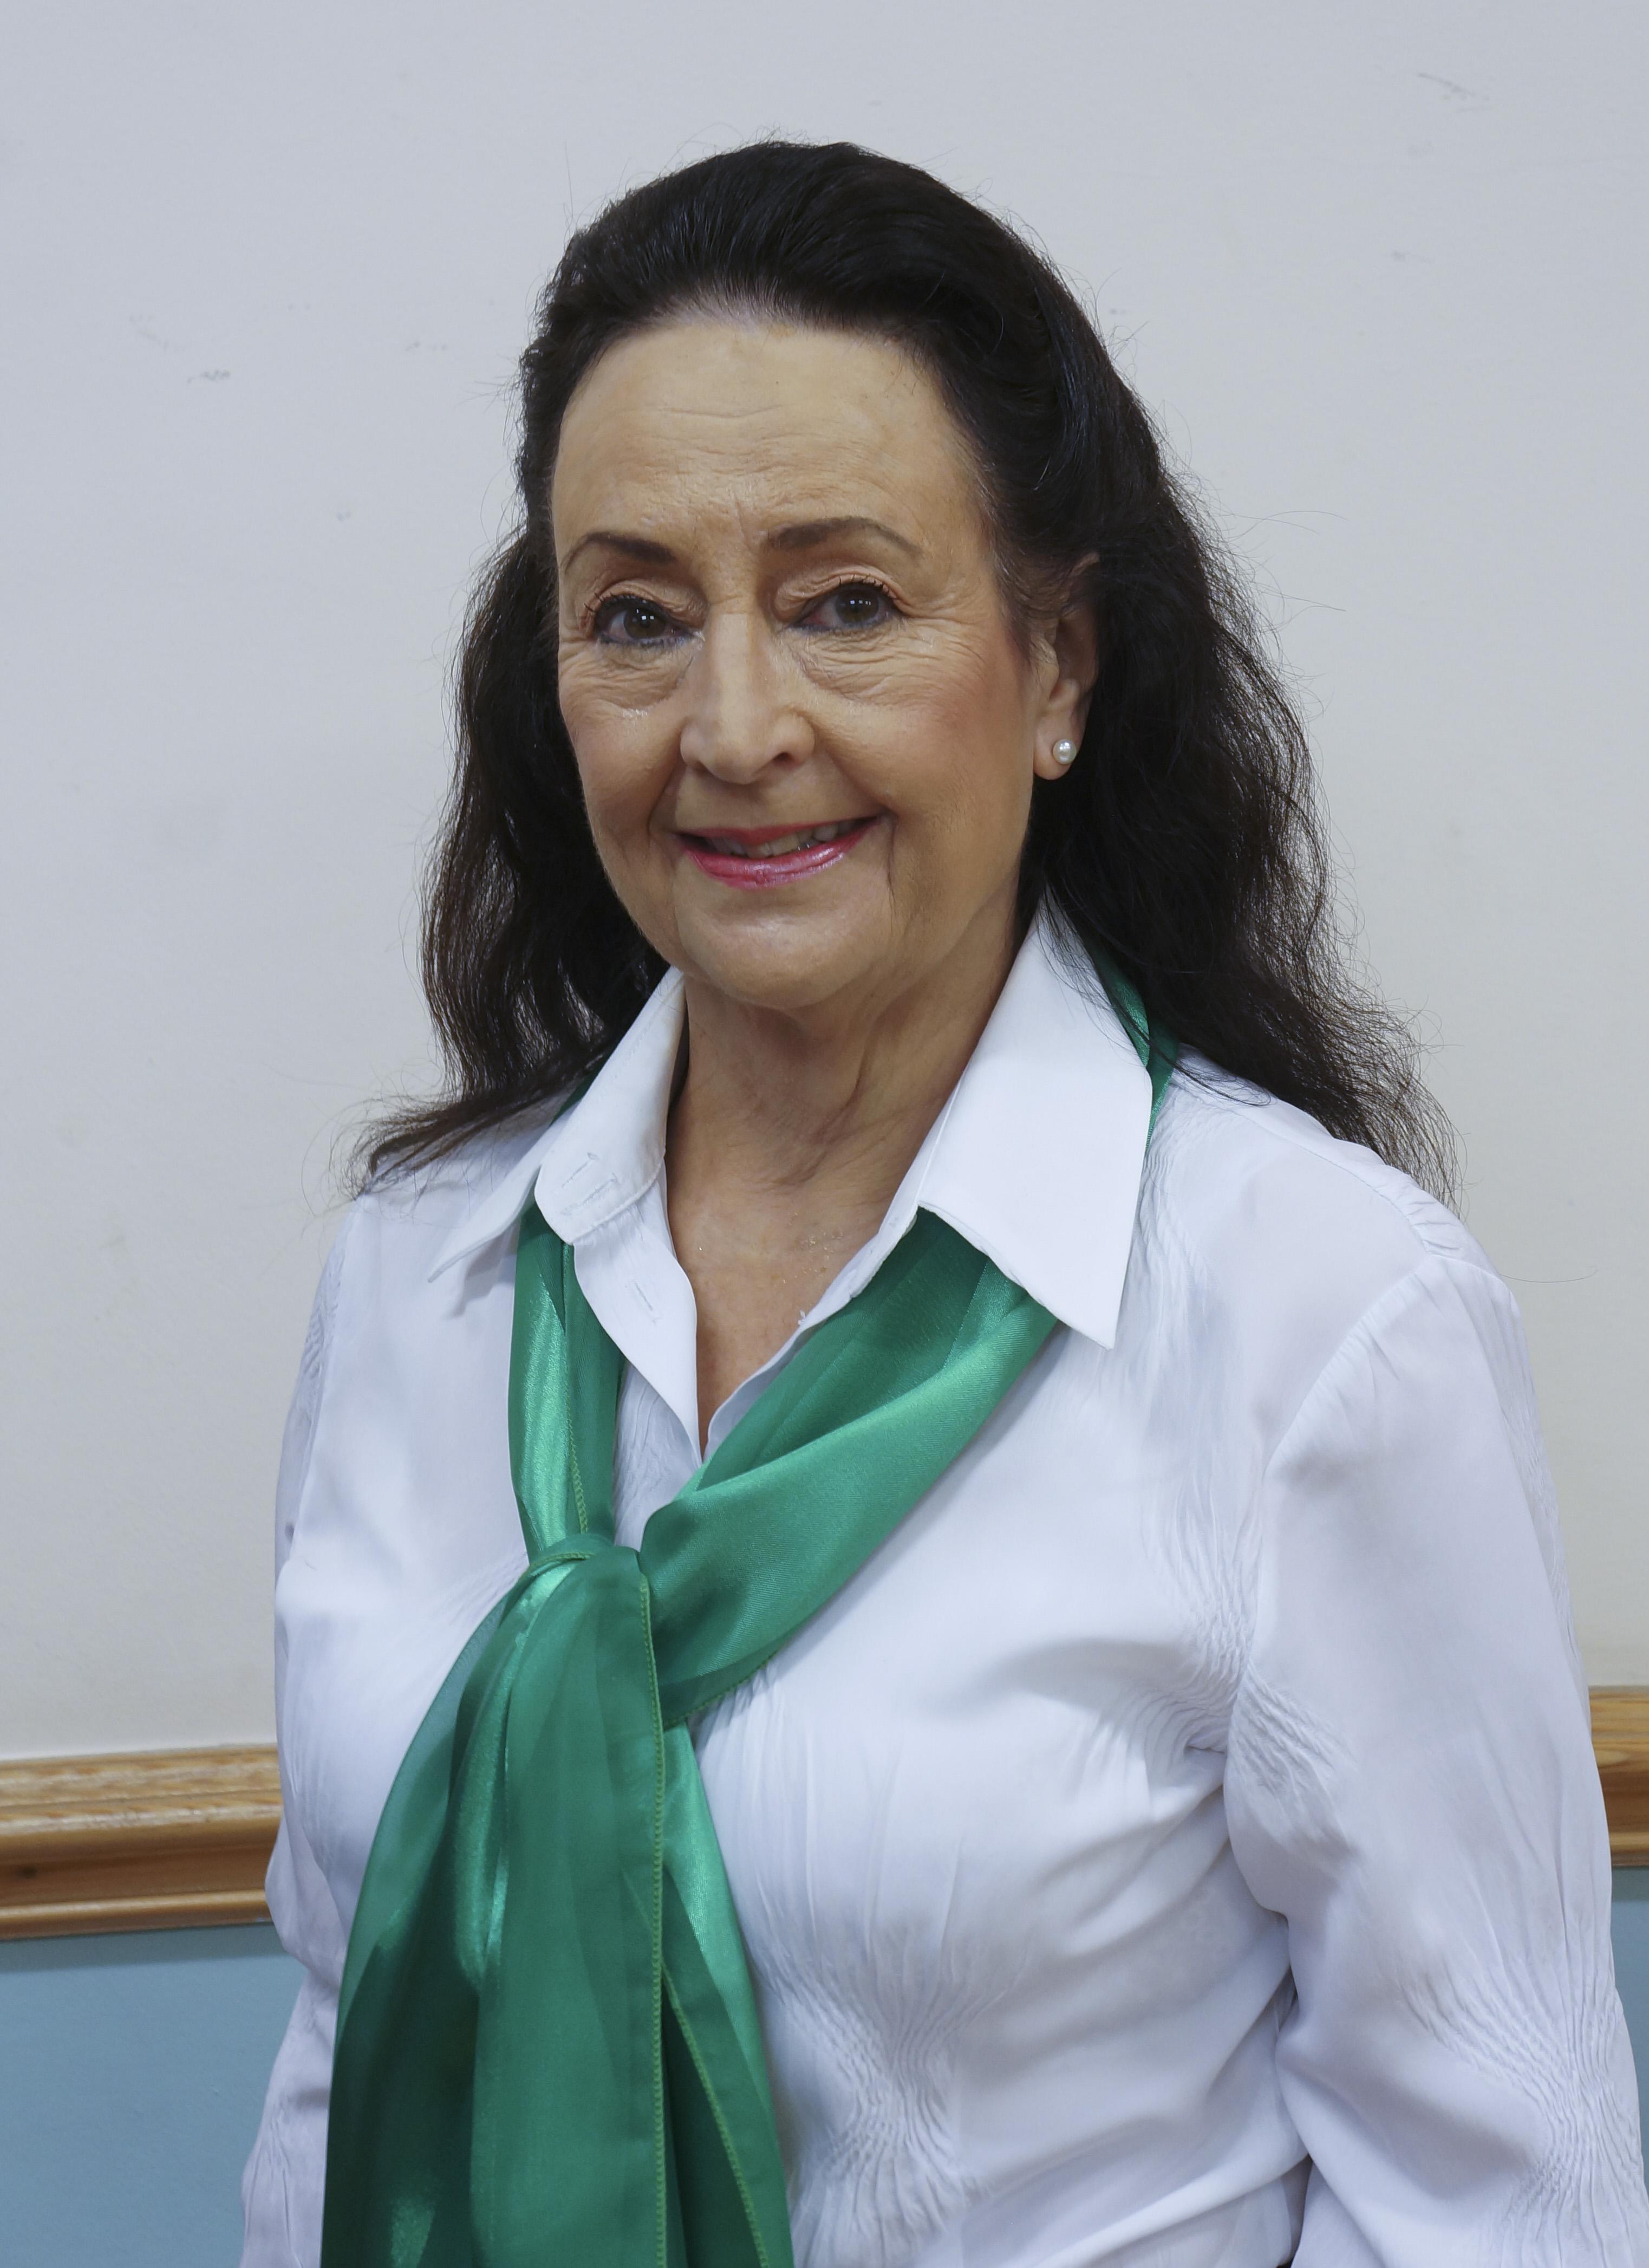 Yvonne Whiston